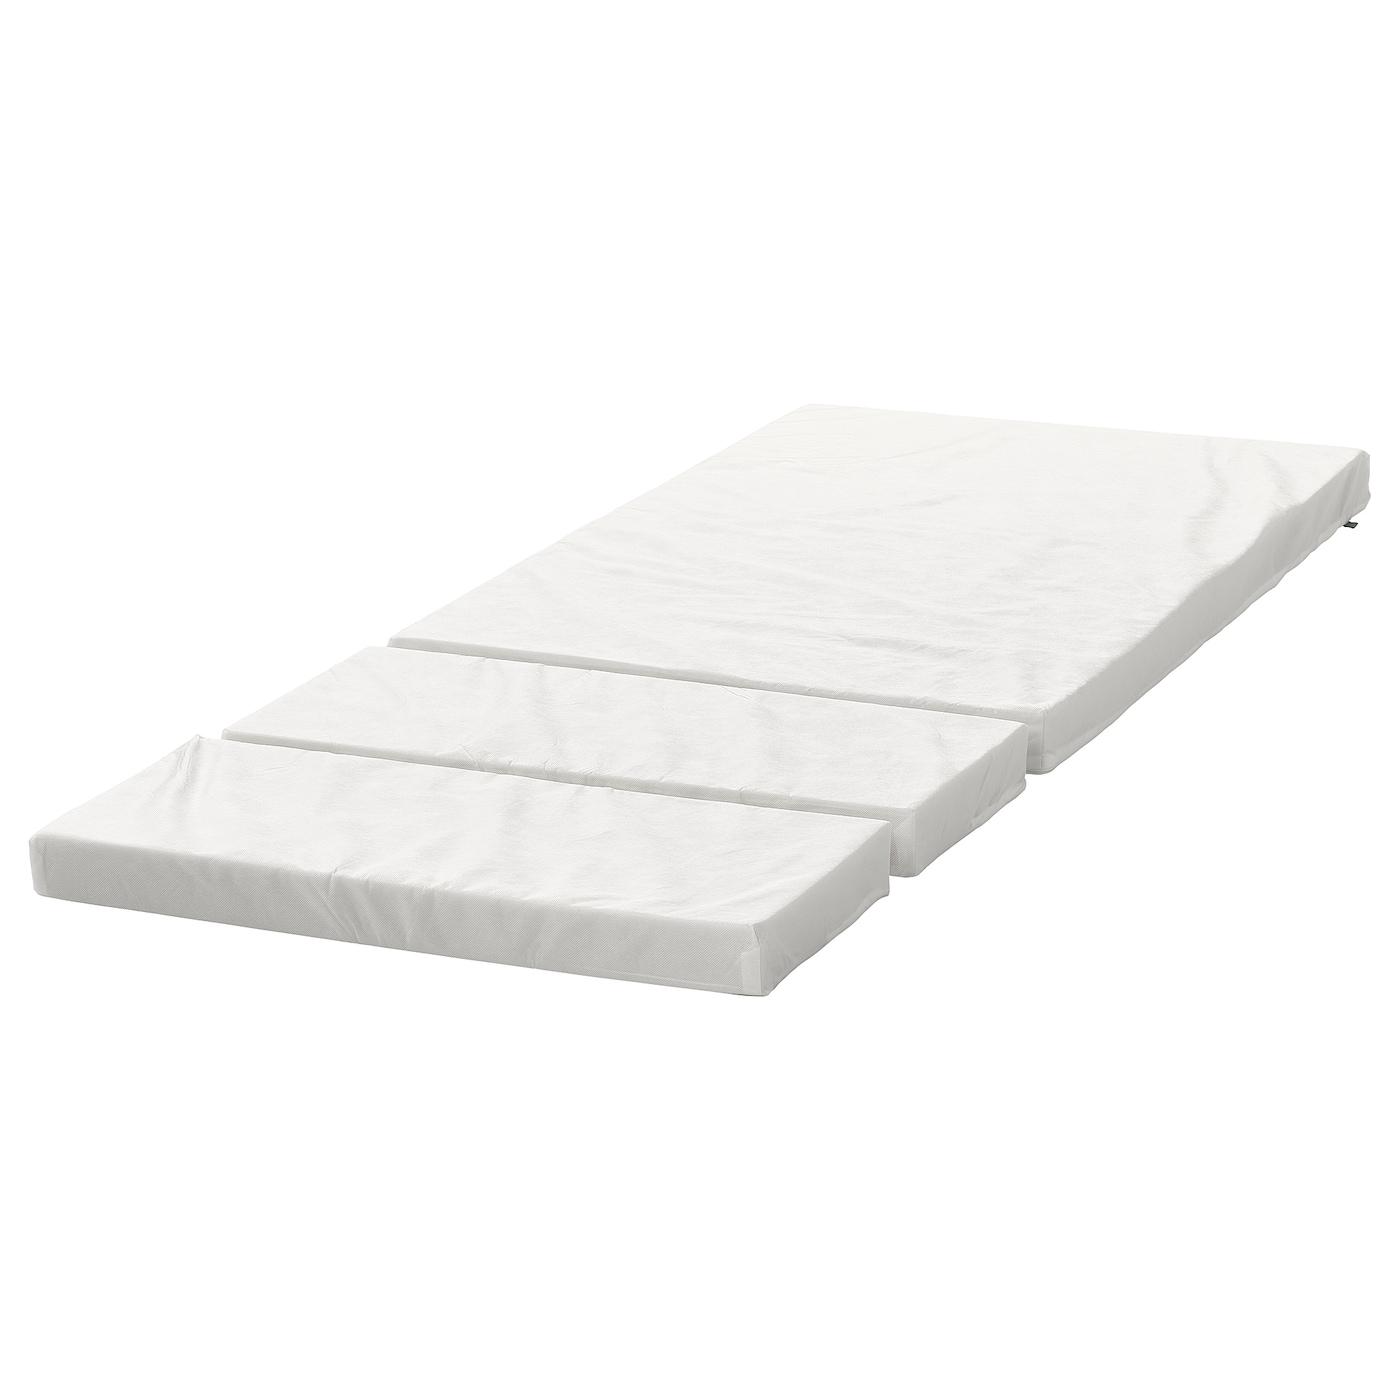 160cm x 200cm Ikea Kingsize Cool Blue Foam Mattress Topper 4